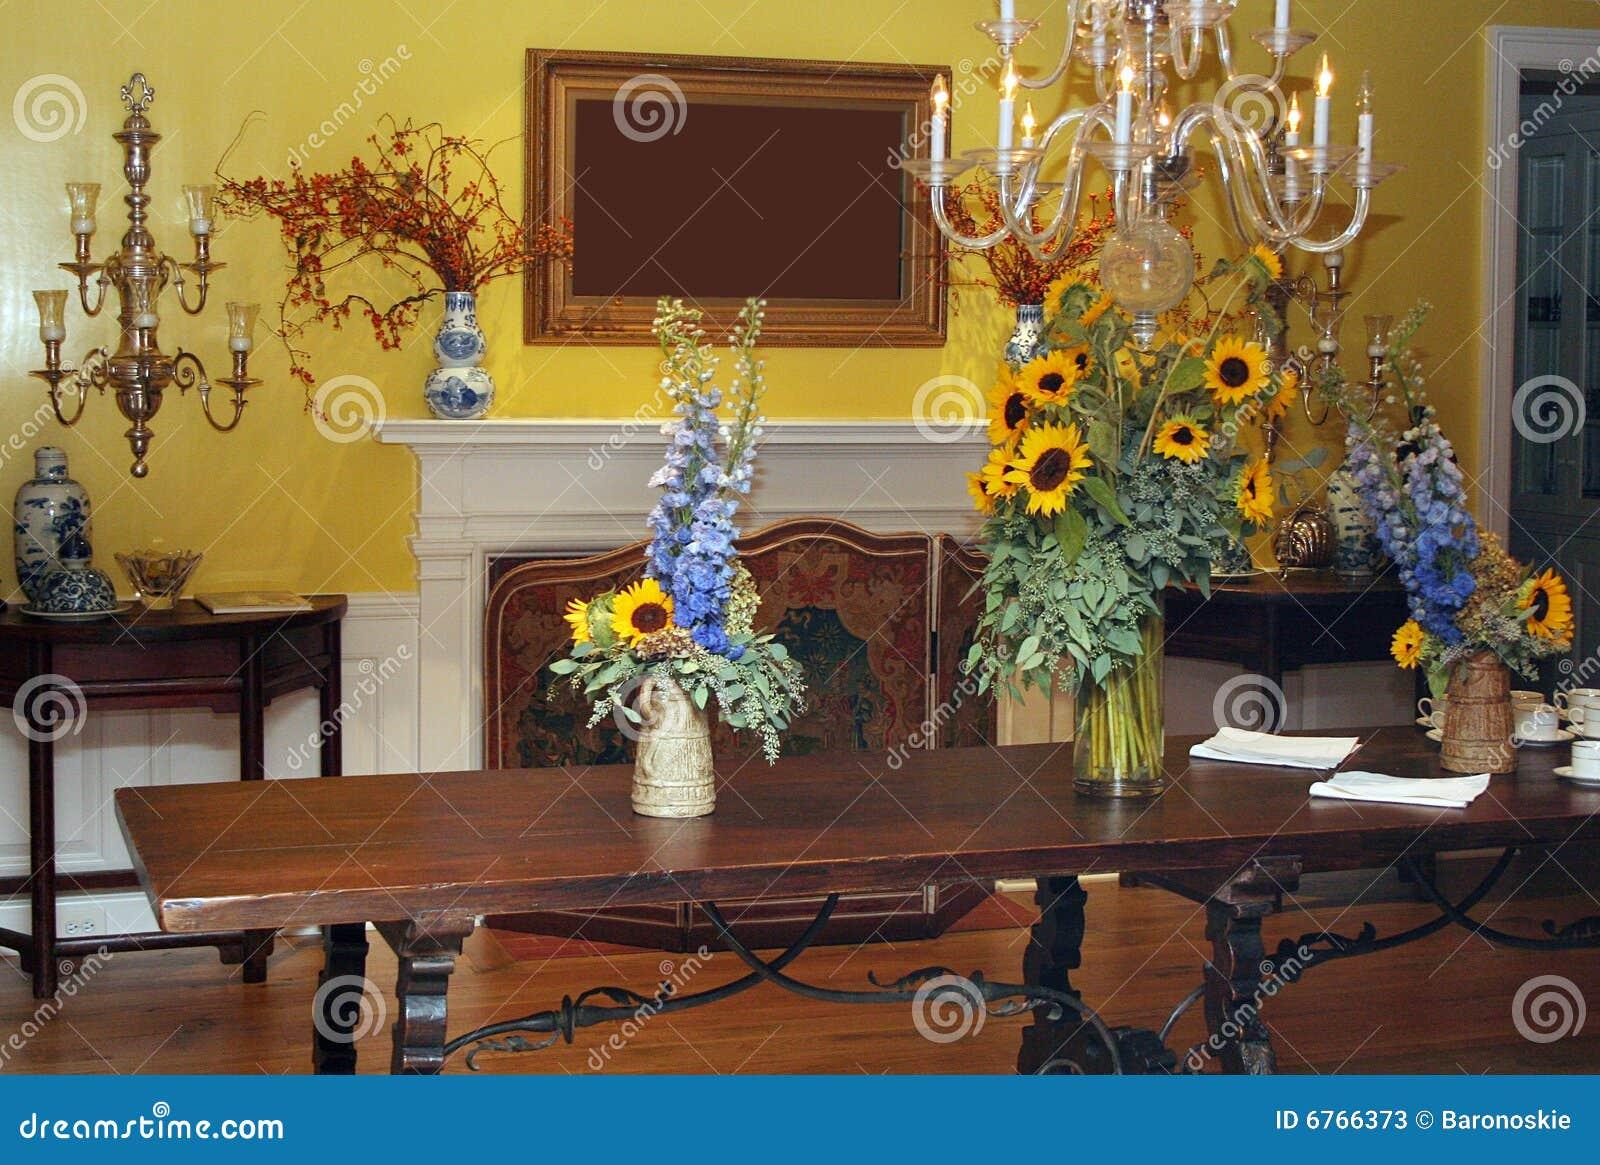 Fotos De Sala De Jantar ~ Sala De Jantar No Amarelo Fotos de Stock  Imagem 676637